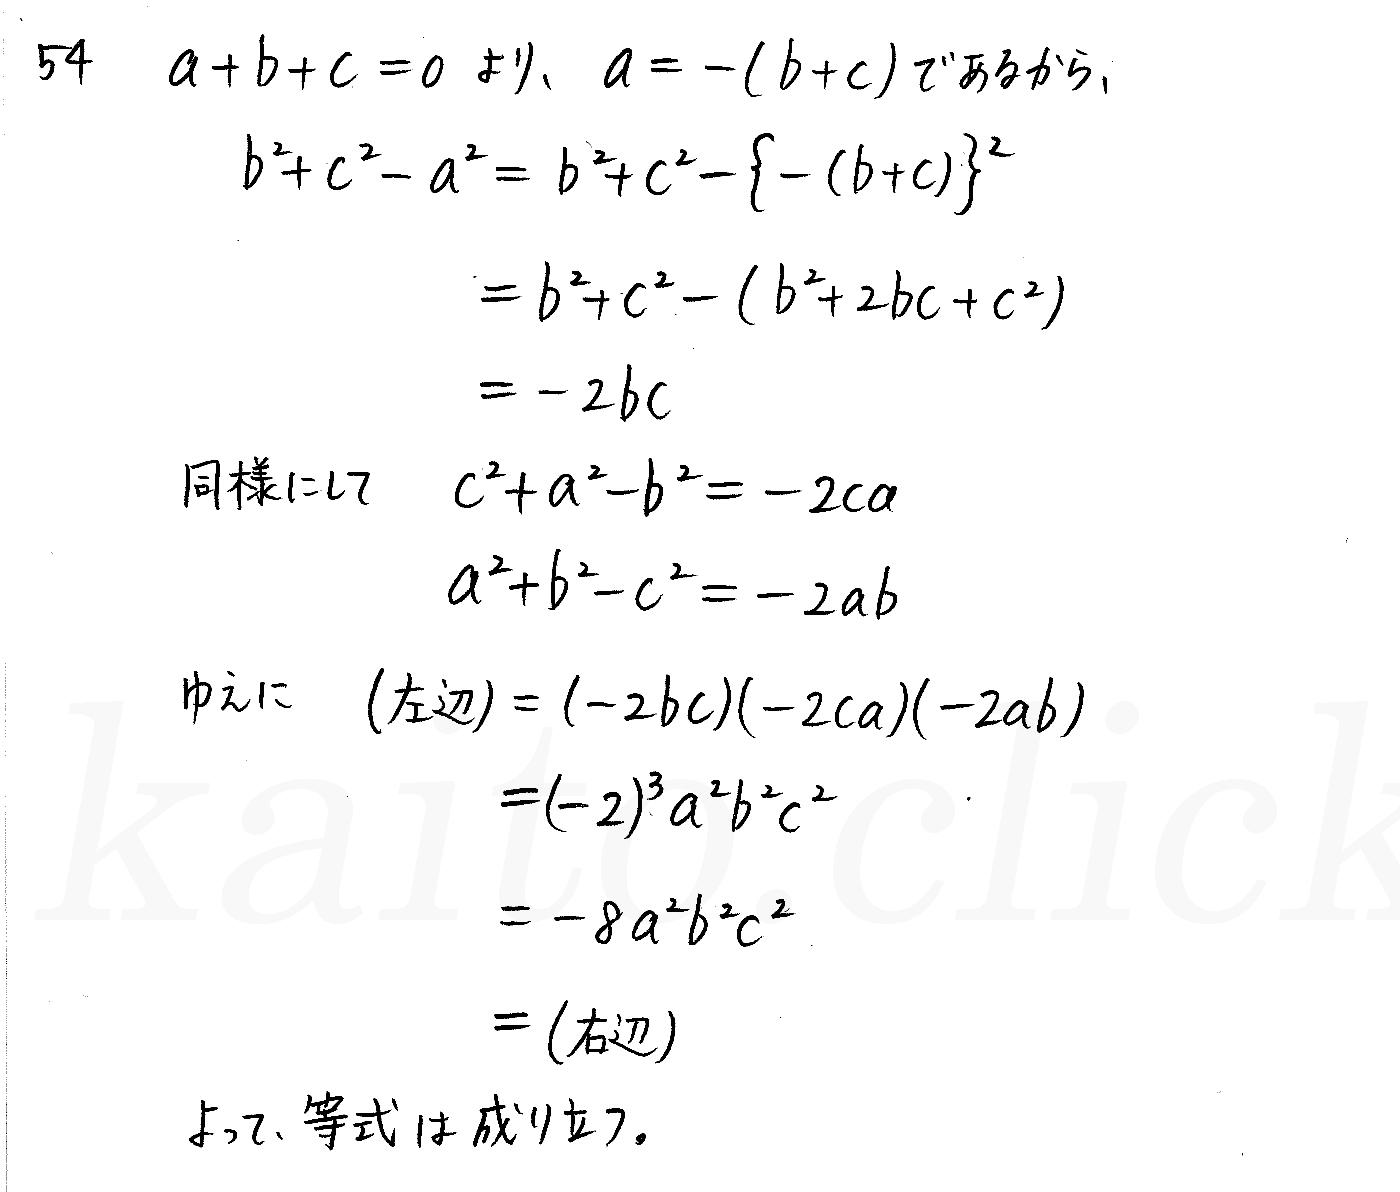 クリアー数学2-54解答